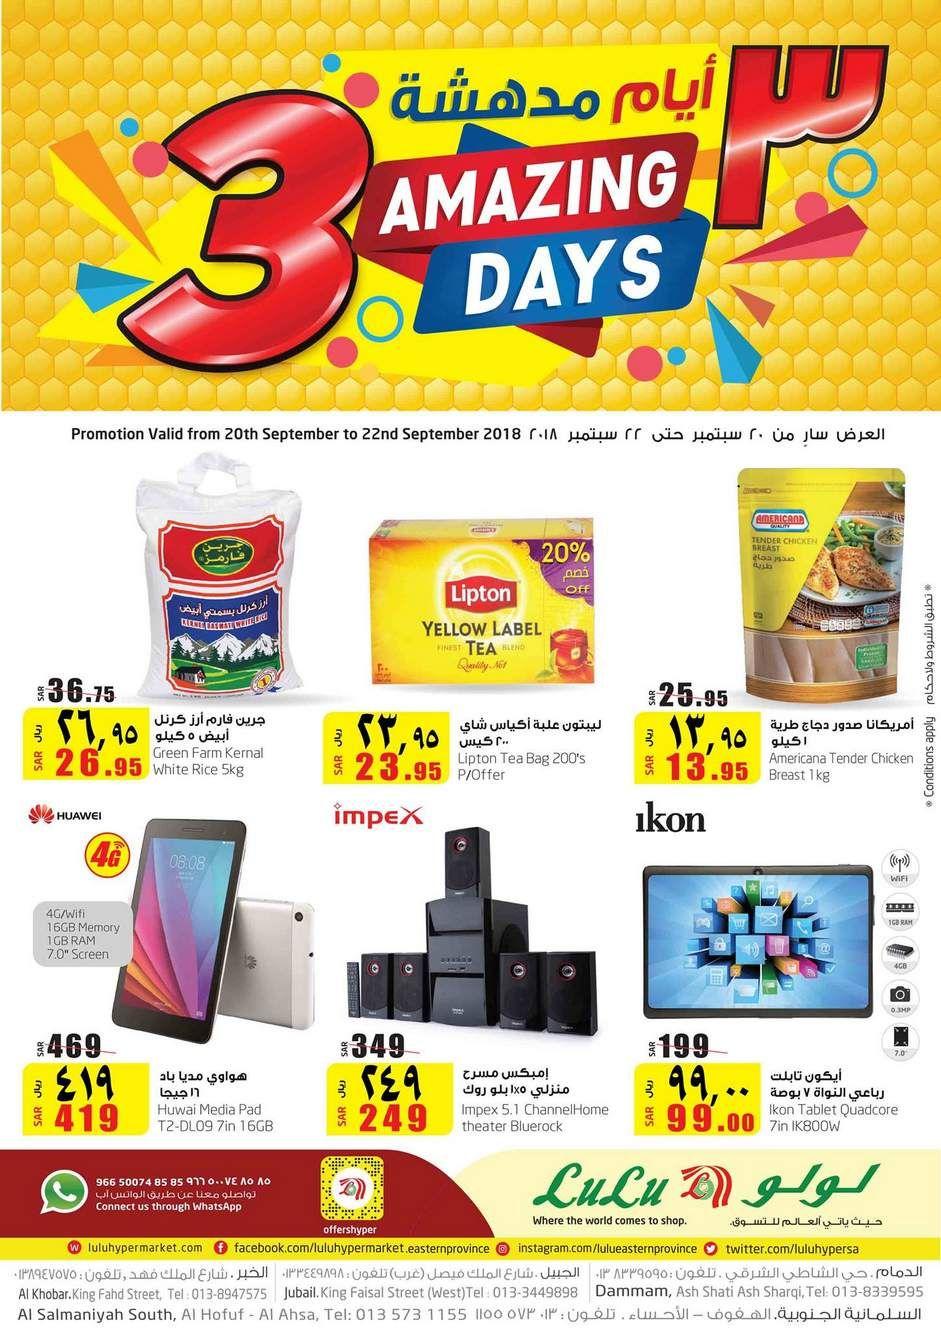 عروض لولو هايبر ماركت المنطقه الشرقيه اليوم الخميس 20 سبتمبر 2018 3 ايام مدهشه Cereal Pops Pops Cereal Box Cereal Box